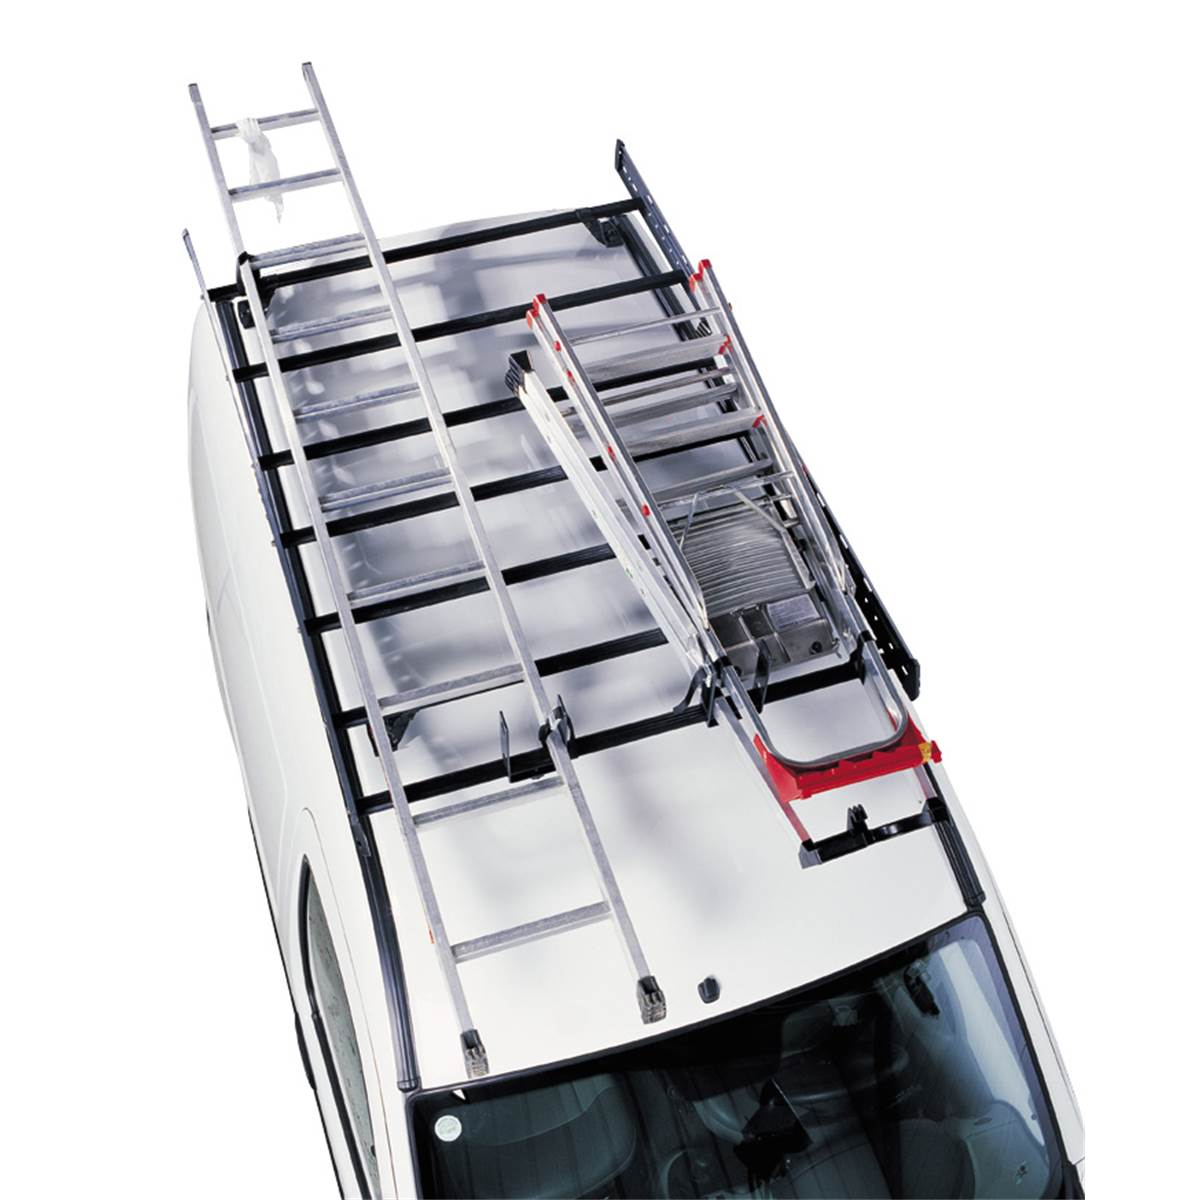 Galerie pour véhicule utilitaire PRO DECK MONT BLANC 514